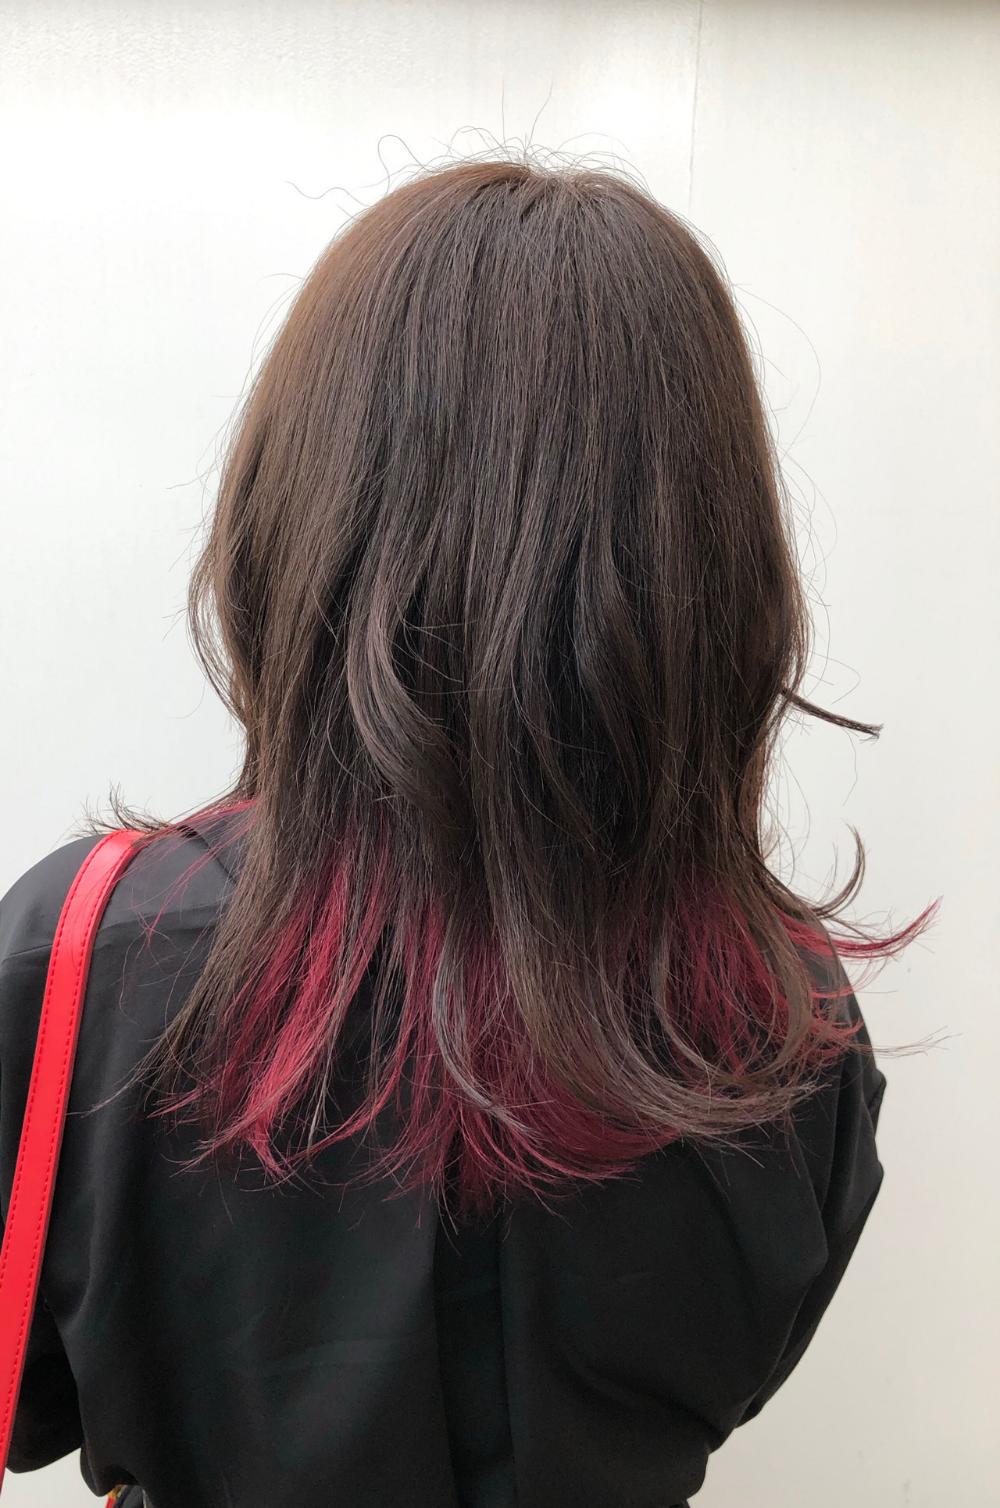 普通 に飽きた人必見 ピンクのメッシュカラーで個性的なかわいいを